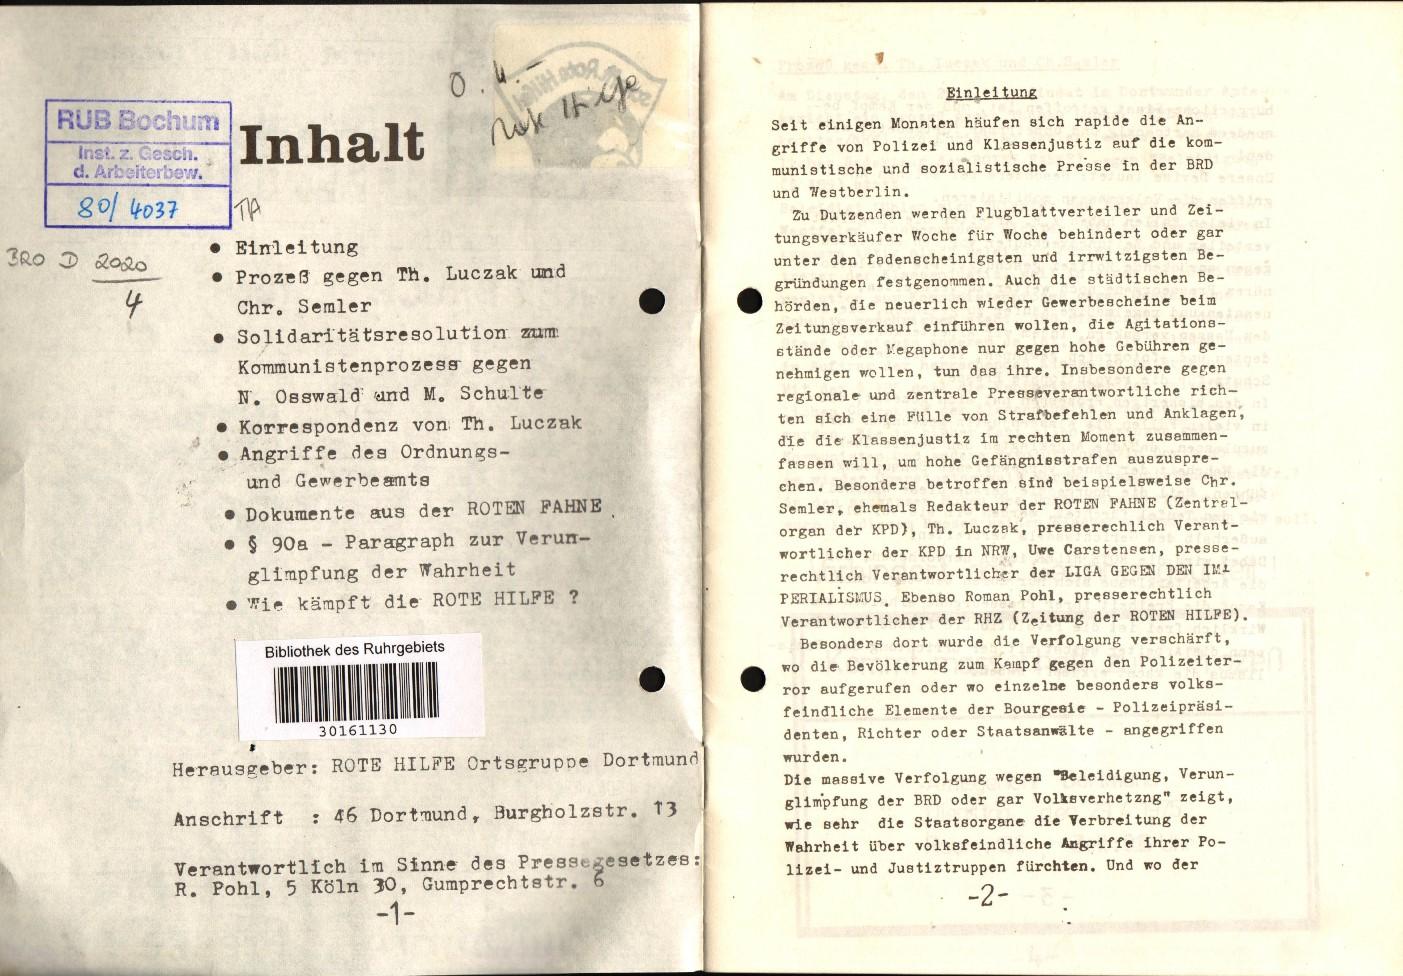 Dortmund_RH_1975_Freispruch_fuer_Luczak_und_Semler_02